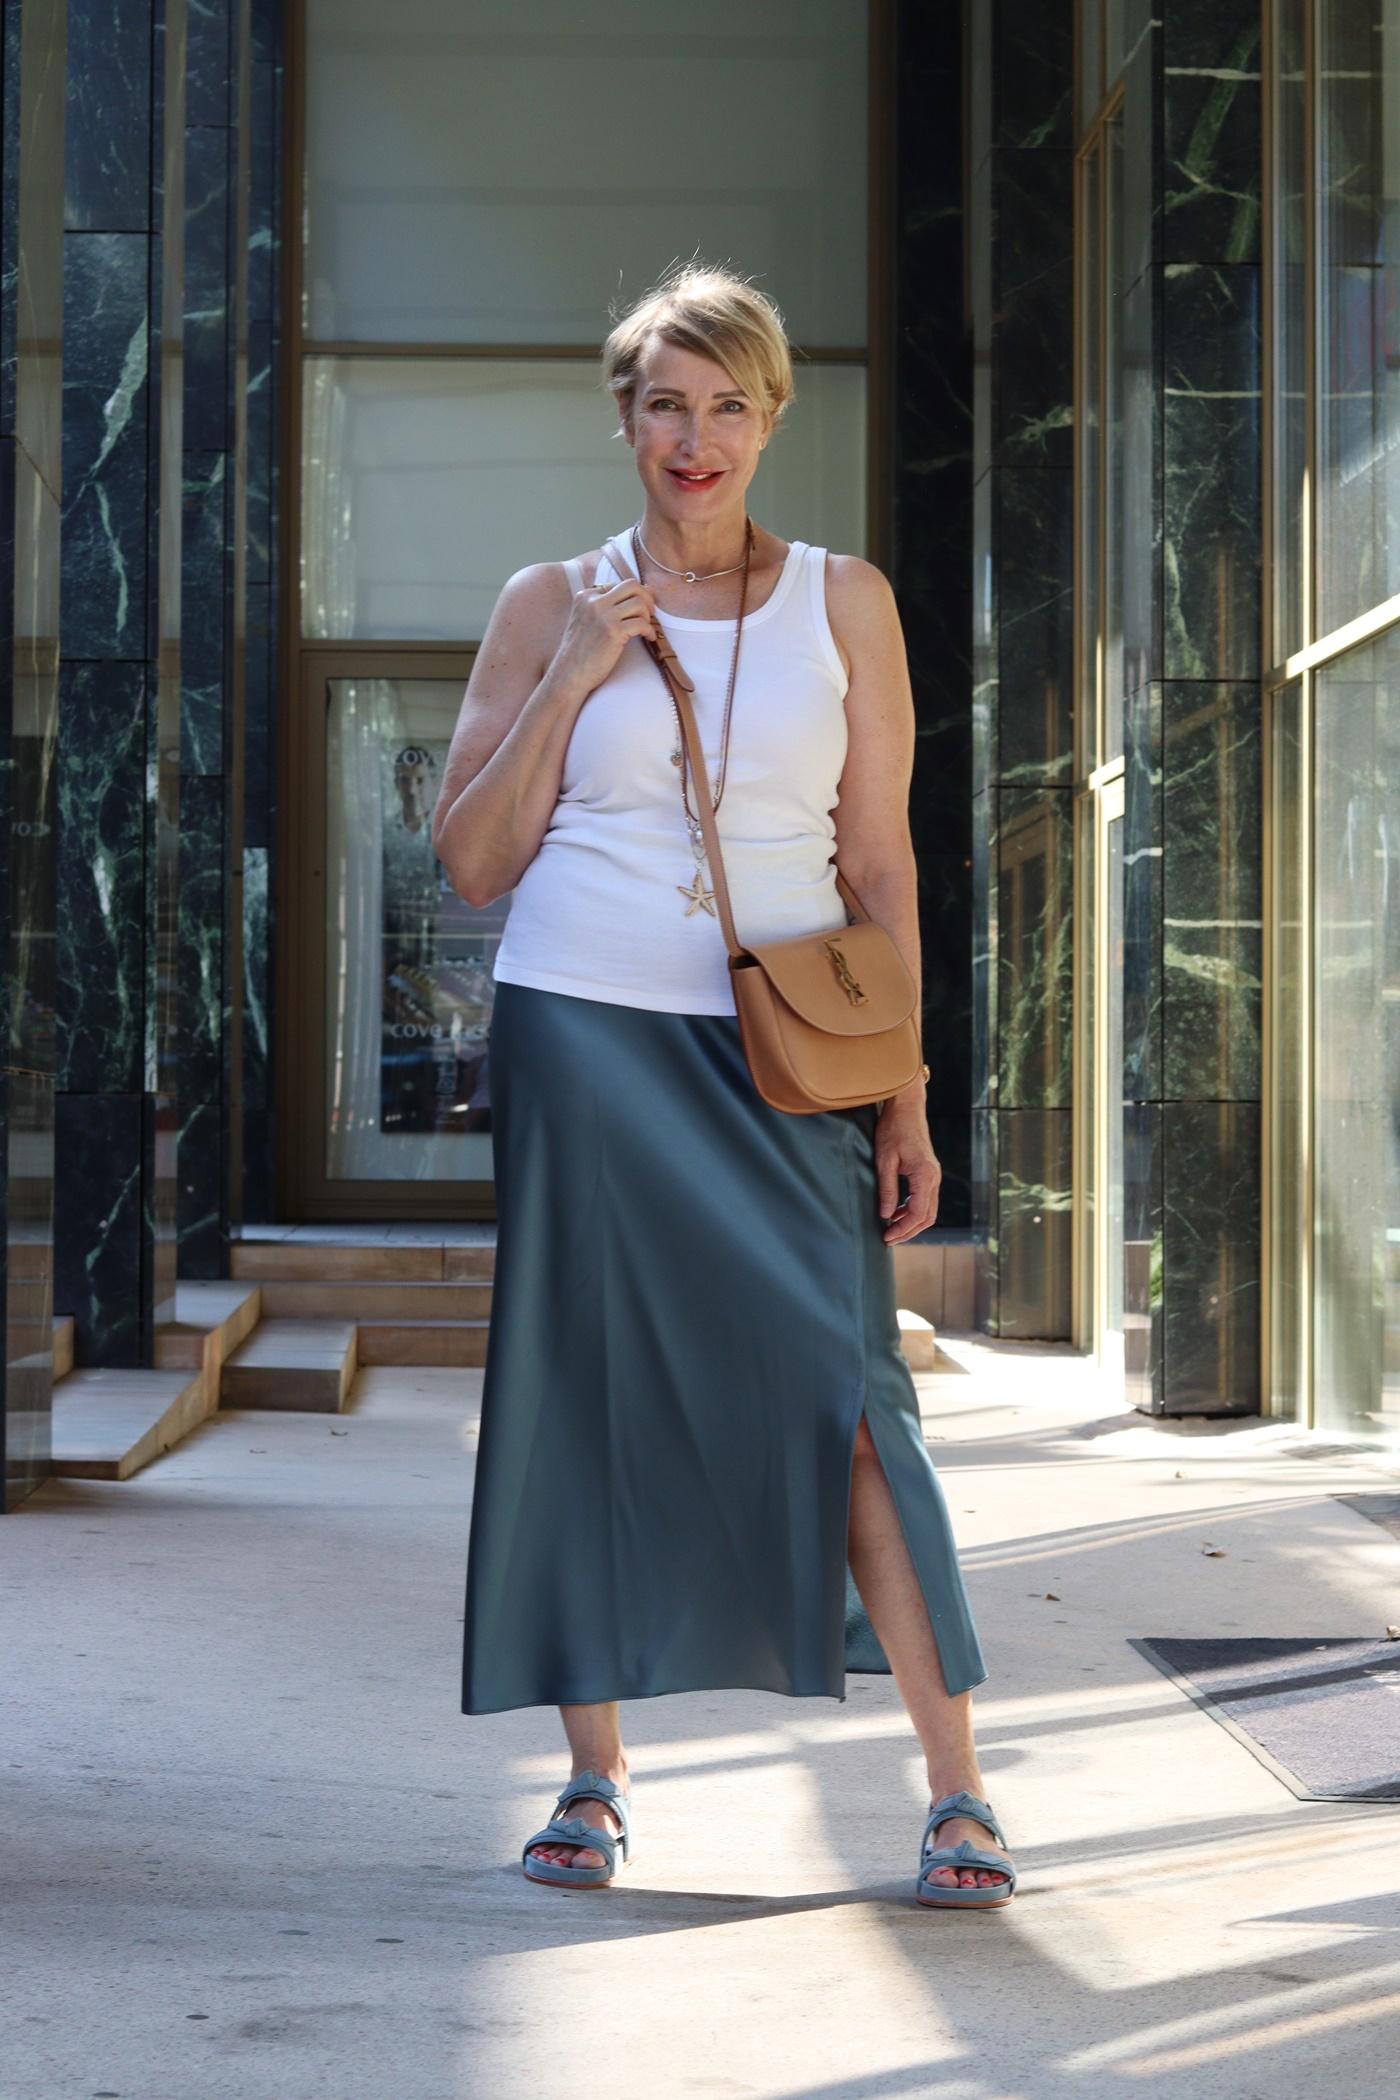 glamupyourlifestyle Seidenrock Sommer ue-40-mode ue-50-Blog saint-laurent-tasche